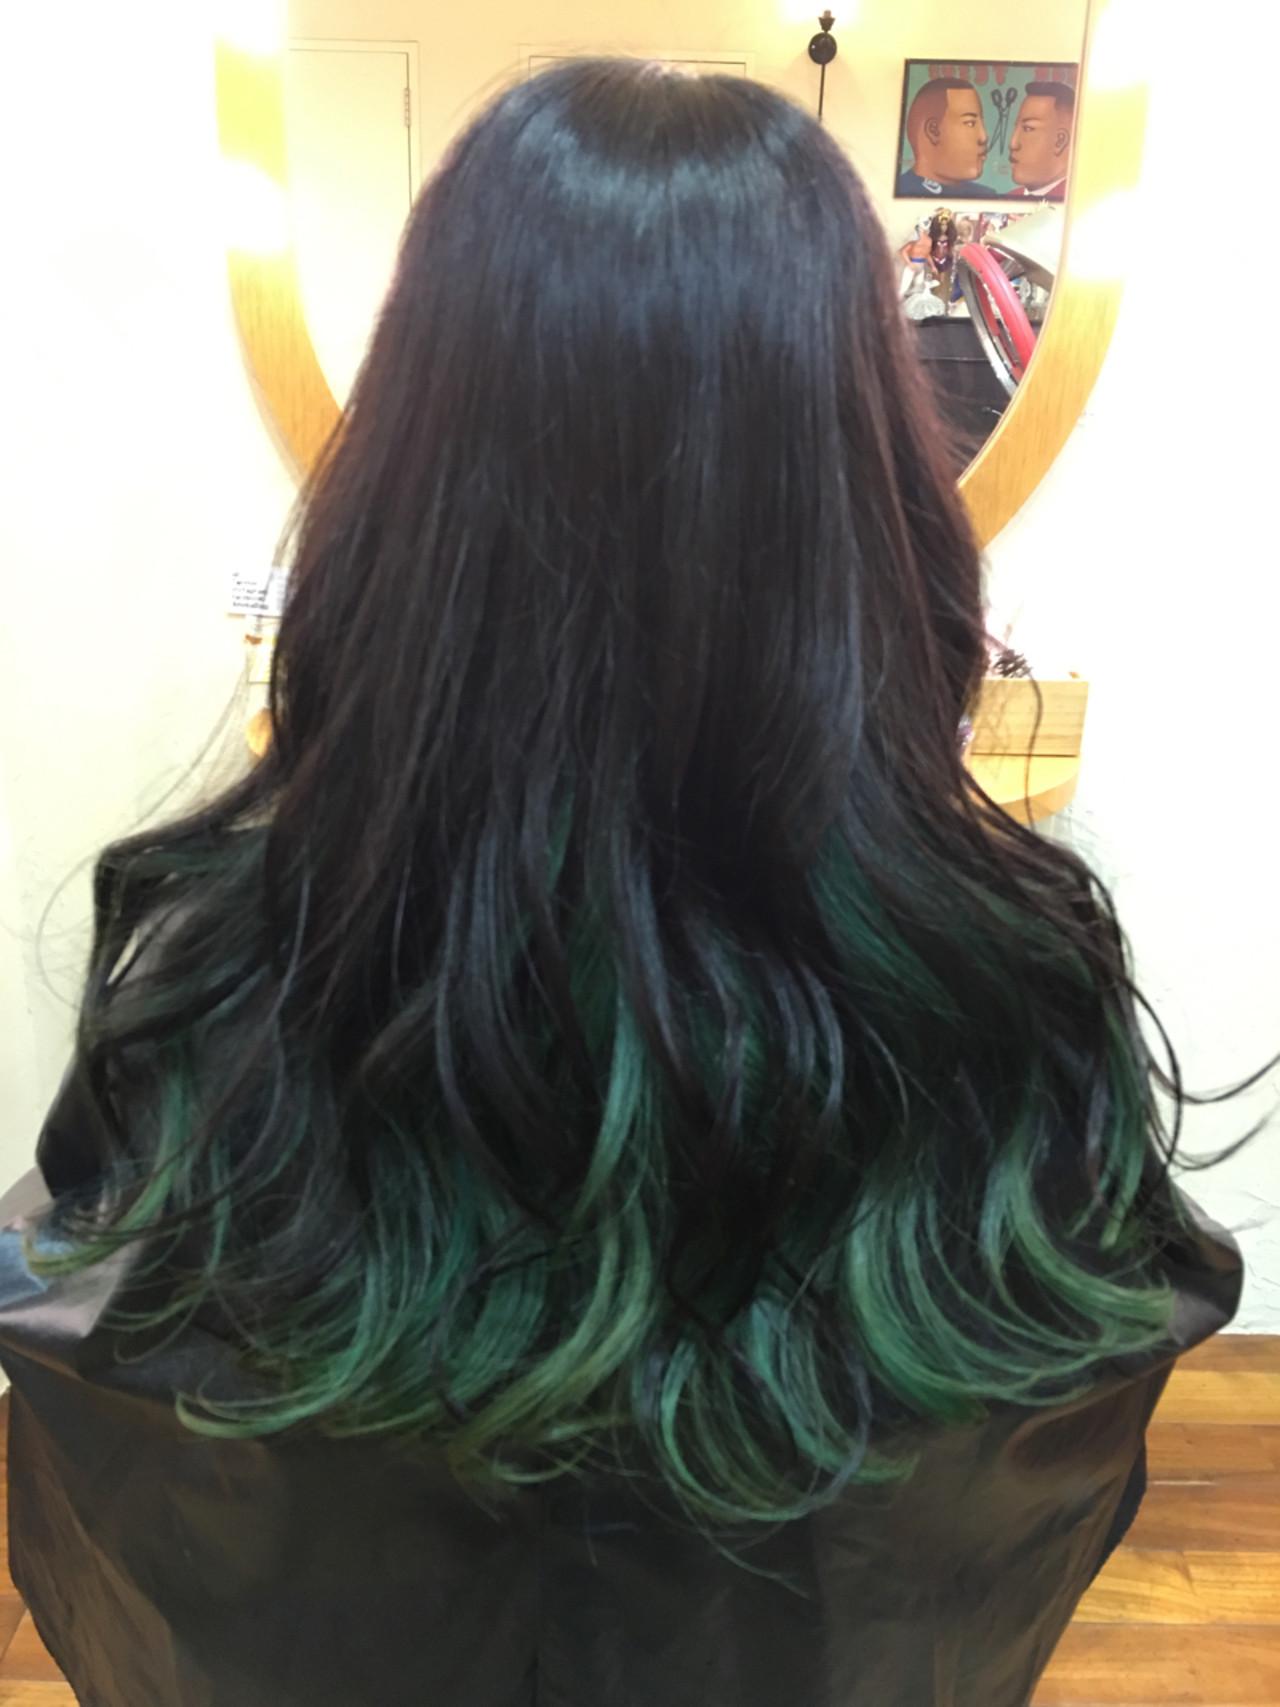 グリーン ロング グラデーションカラー 外国人風カラー ヘアスタイルや髪型の写真・画像